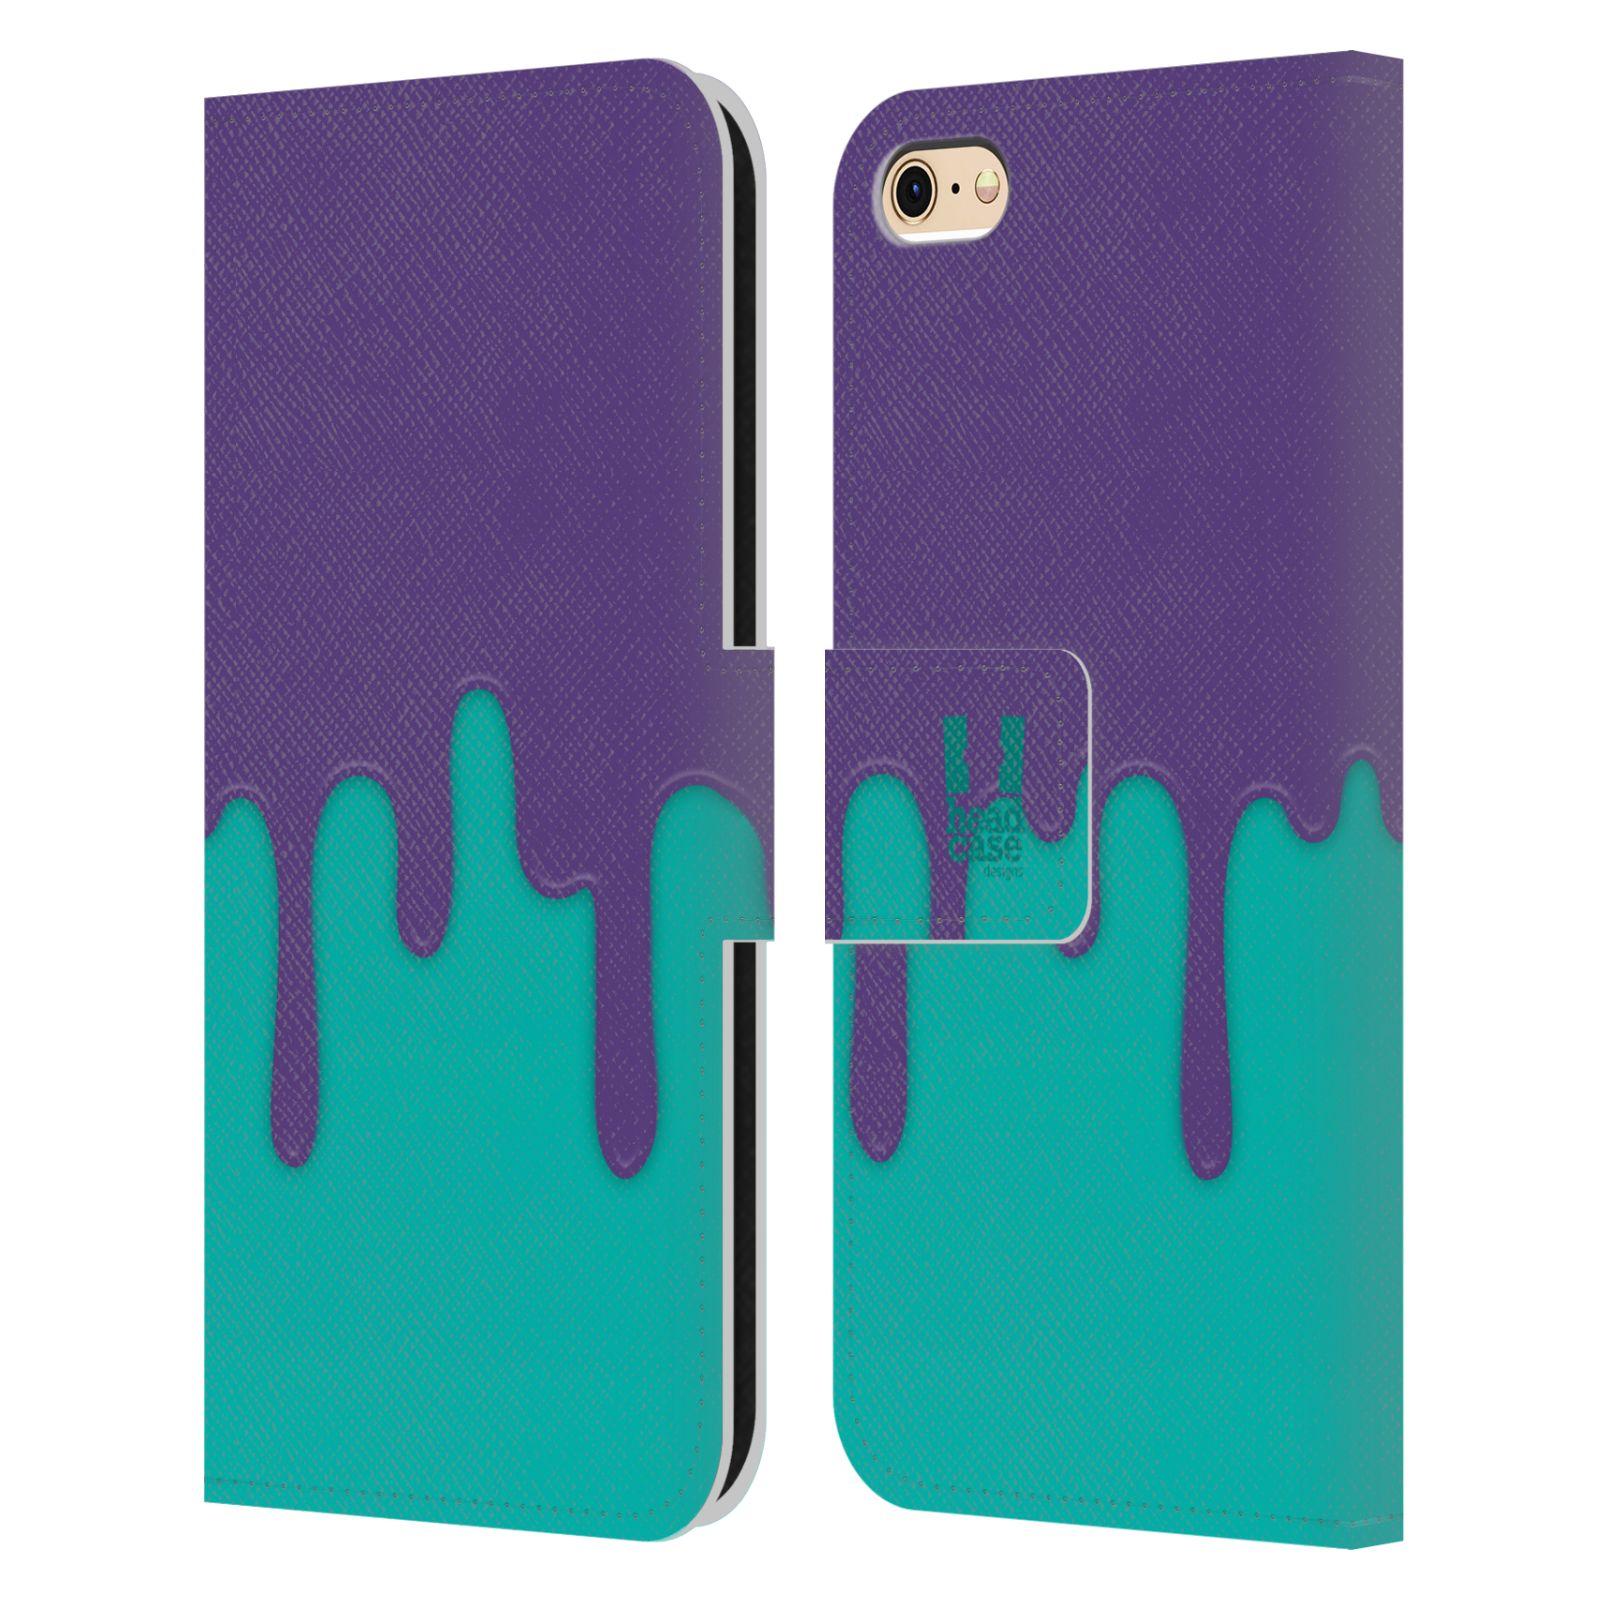 HEAD CASE Flipové pouzdro pro mobil Apple Iphone 6/6s Rozlitá barva fialová a tyrkysová